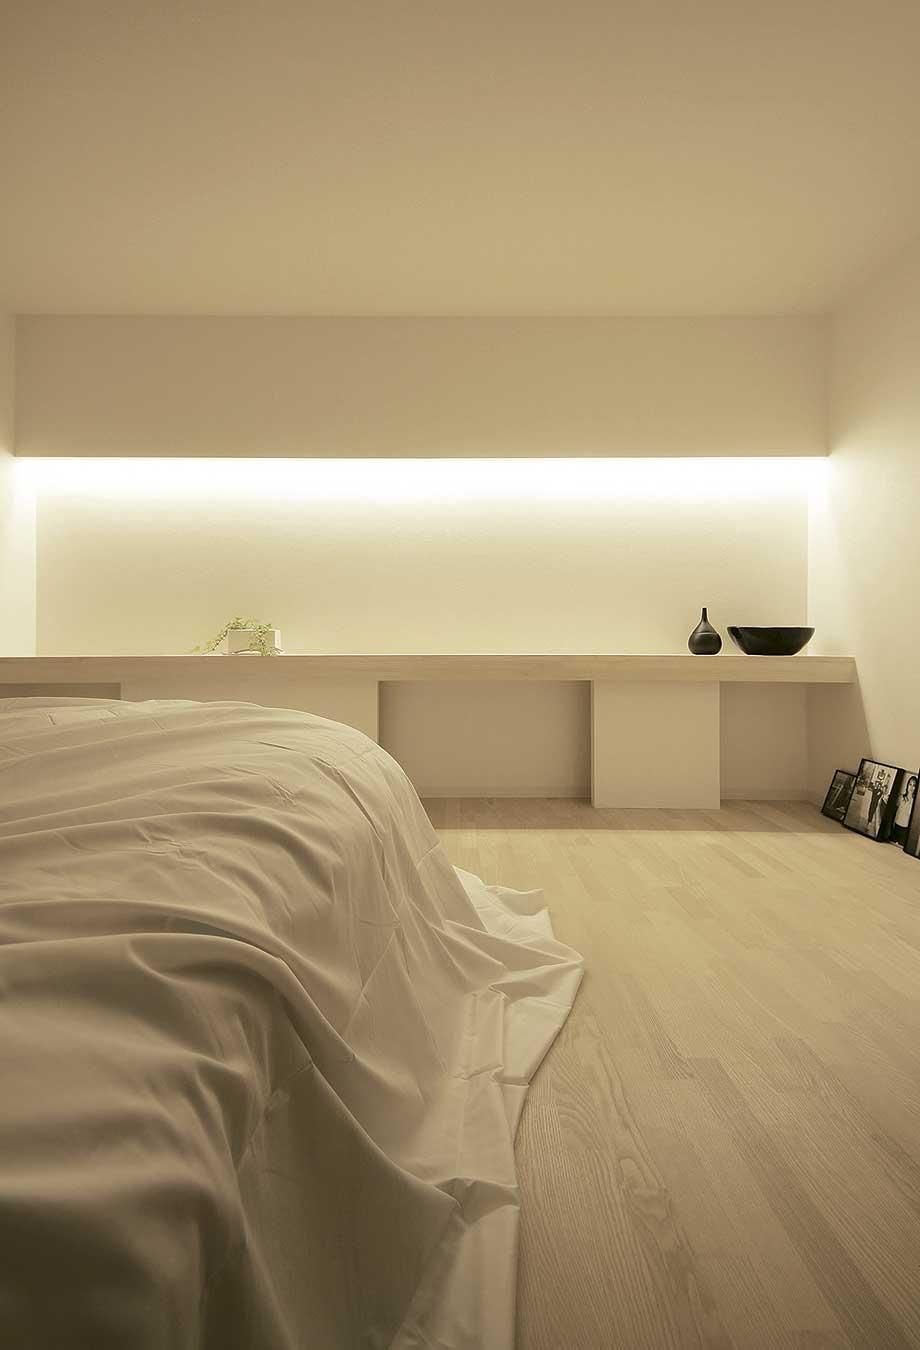 apartamento-abn-jun-murata (17)